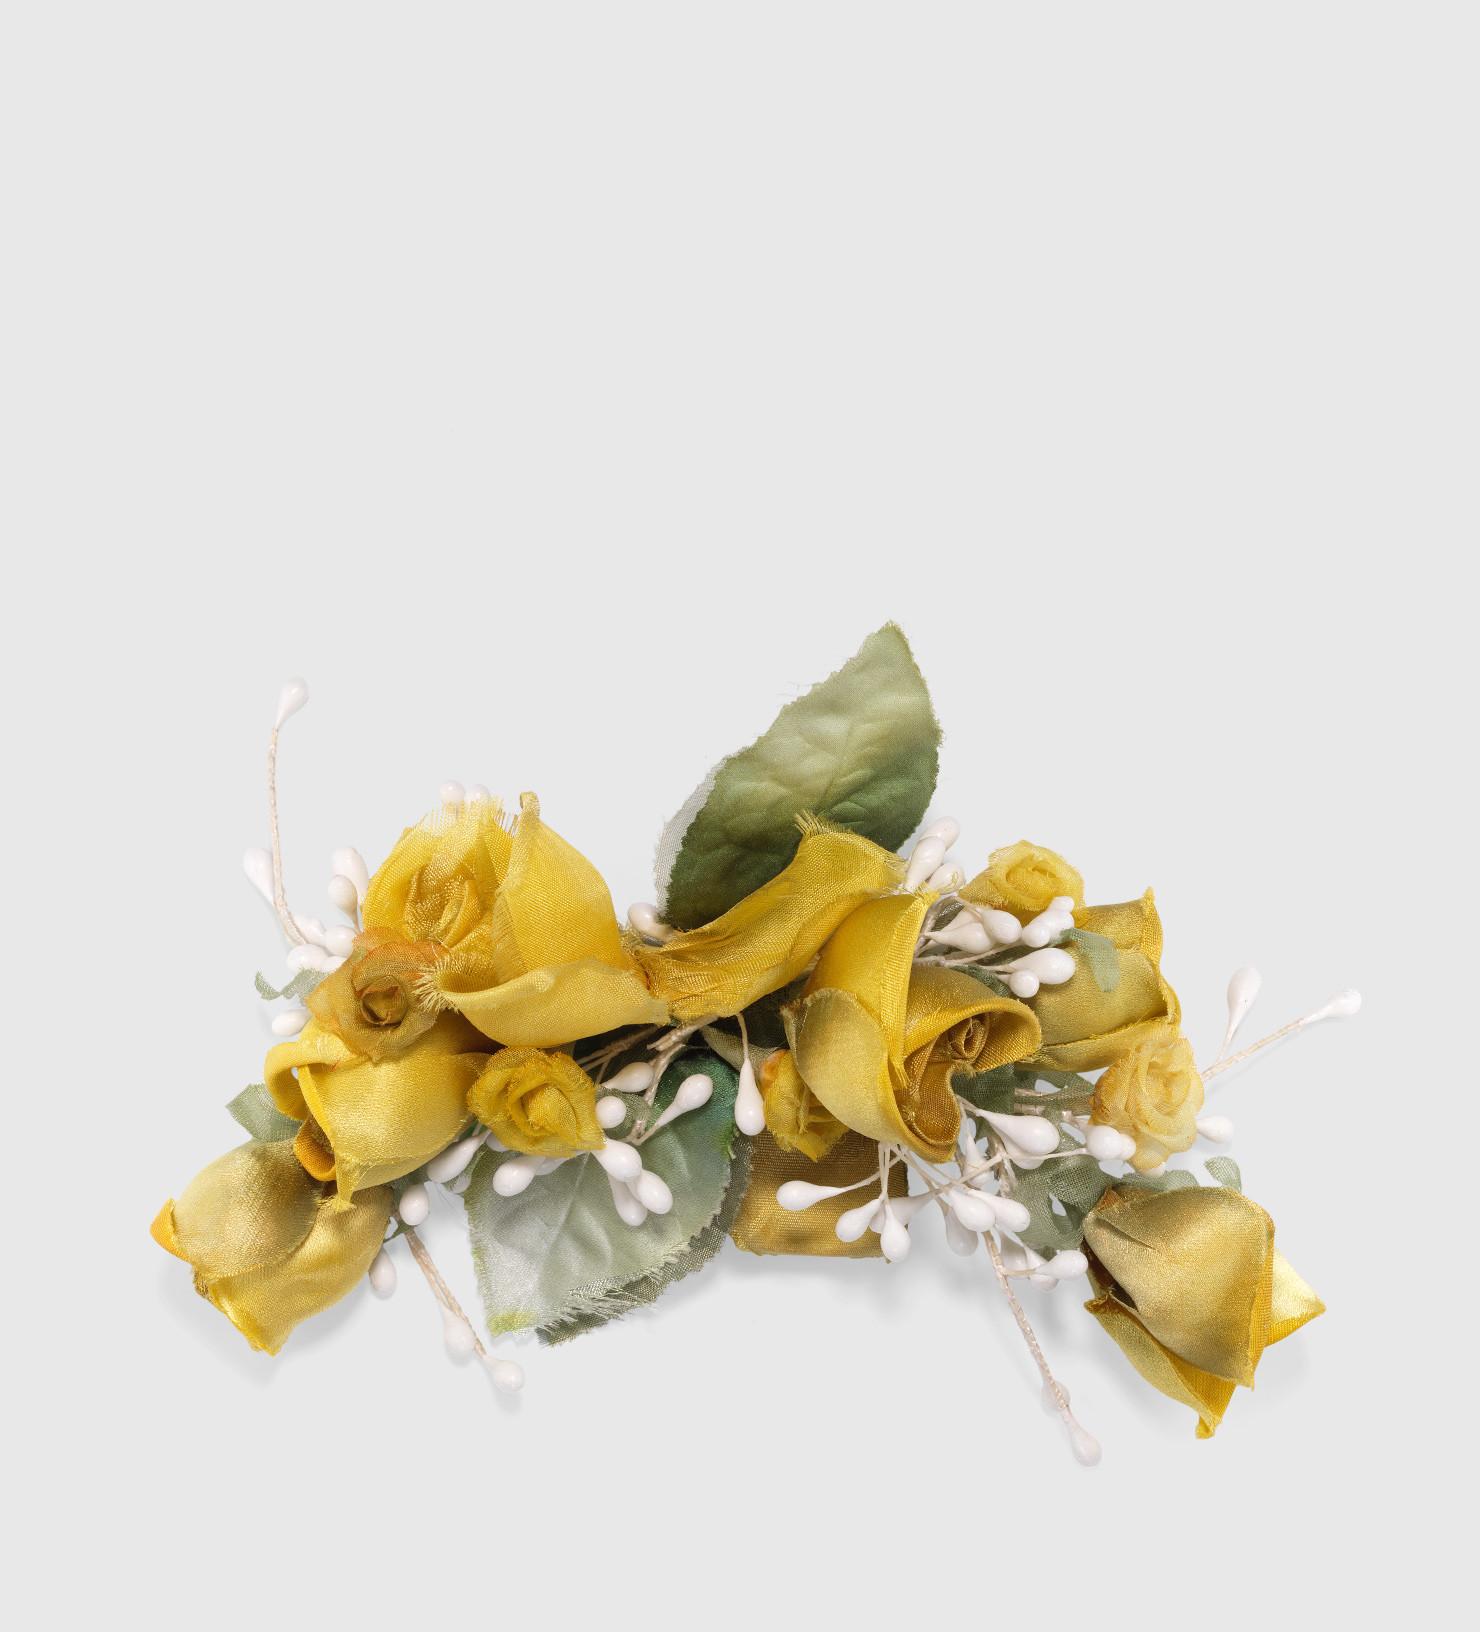 Gucci Brooches  Lyst Gucci Flower Brooch In Silk